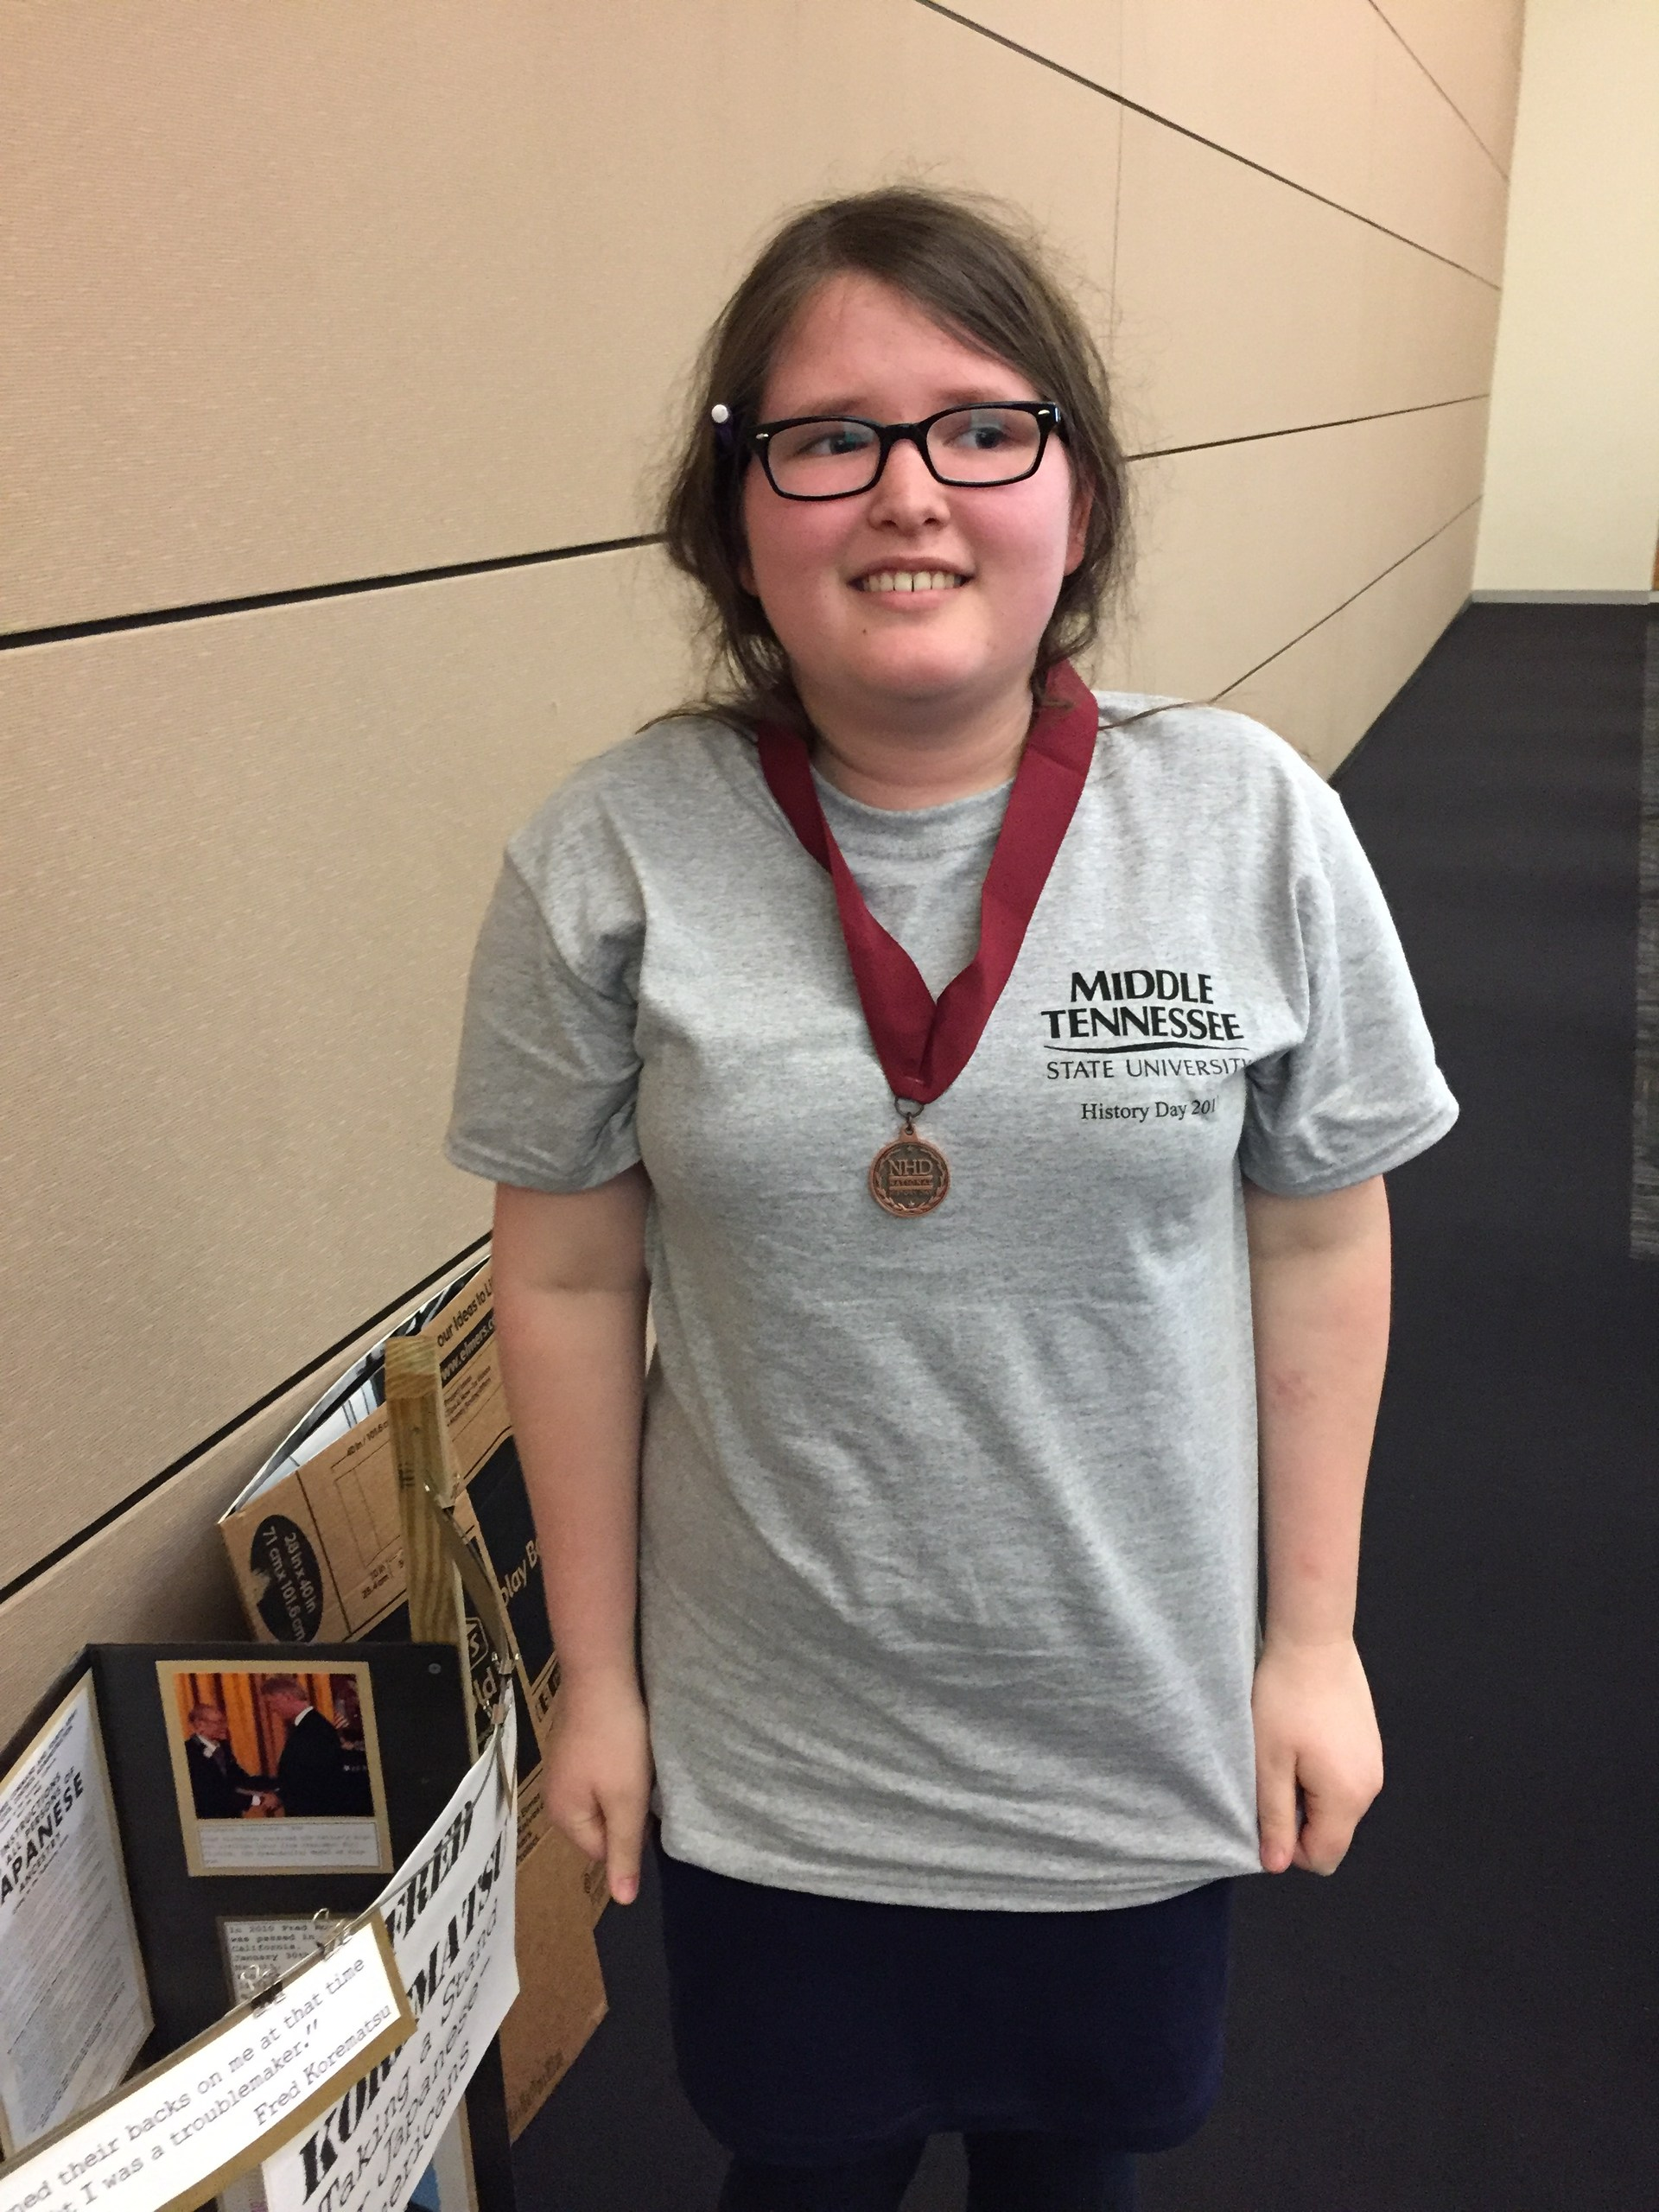 NHD 2017 medalist